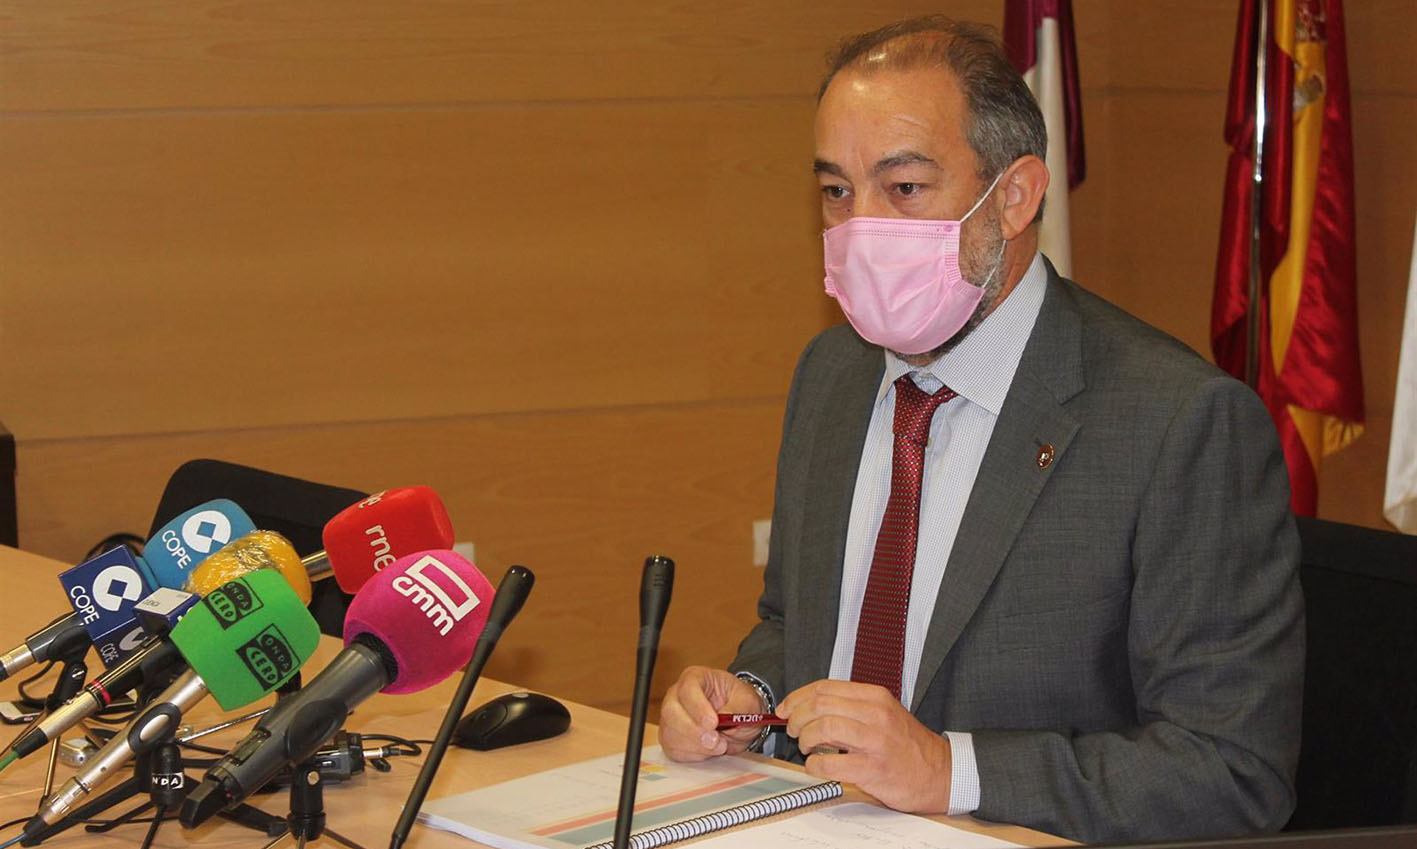 Julián Garde, uno de los dos candidatos a rector de la UCLM, durante la presentación de su proyecto.